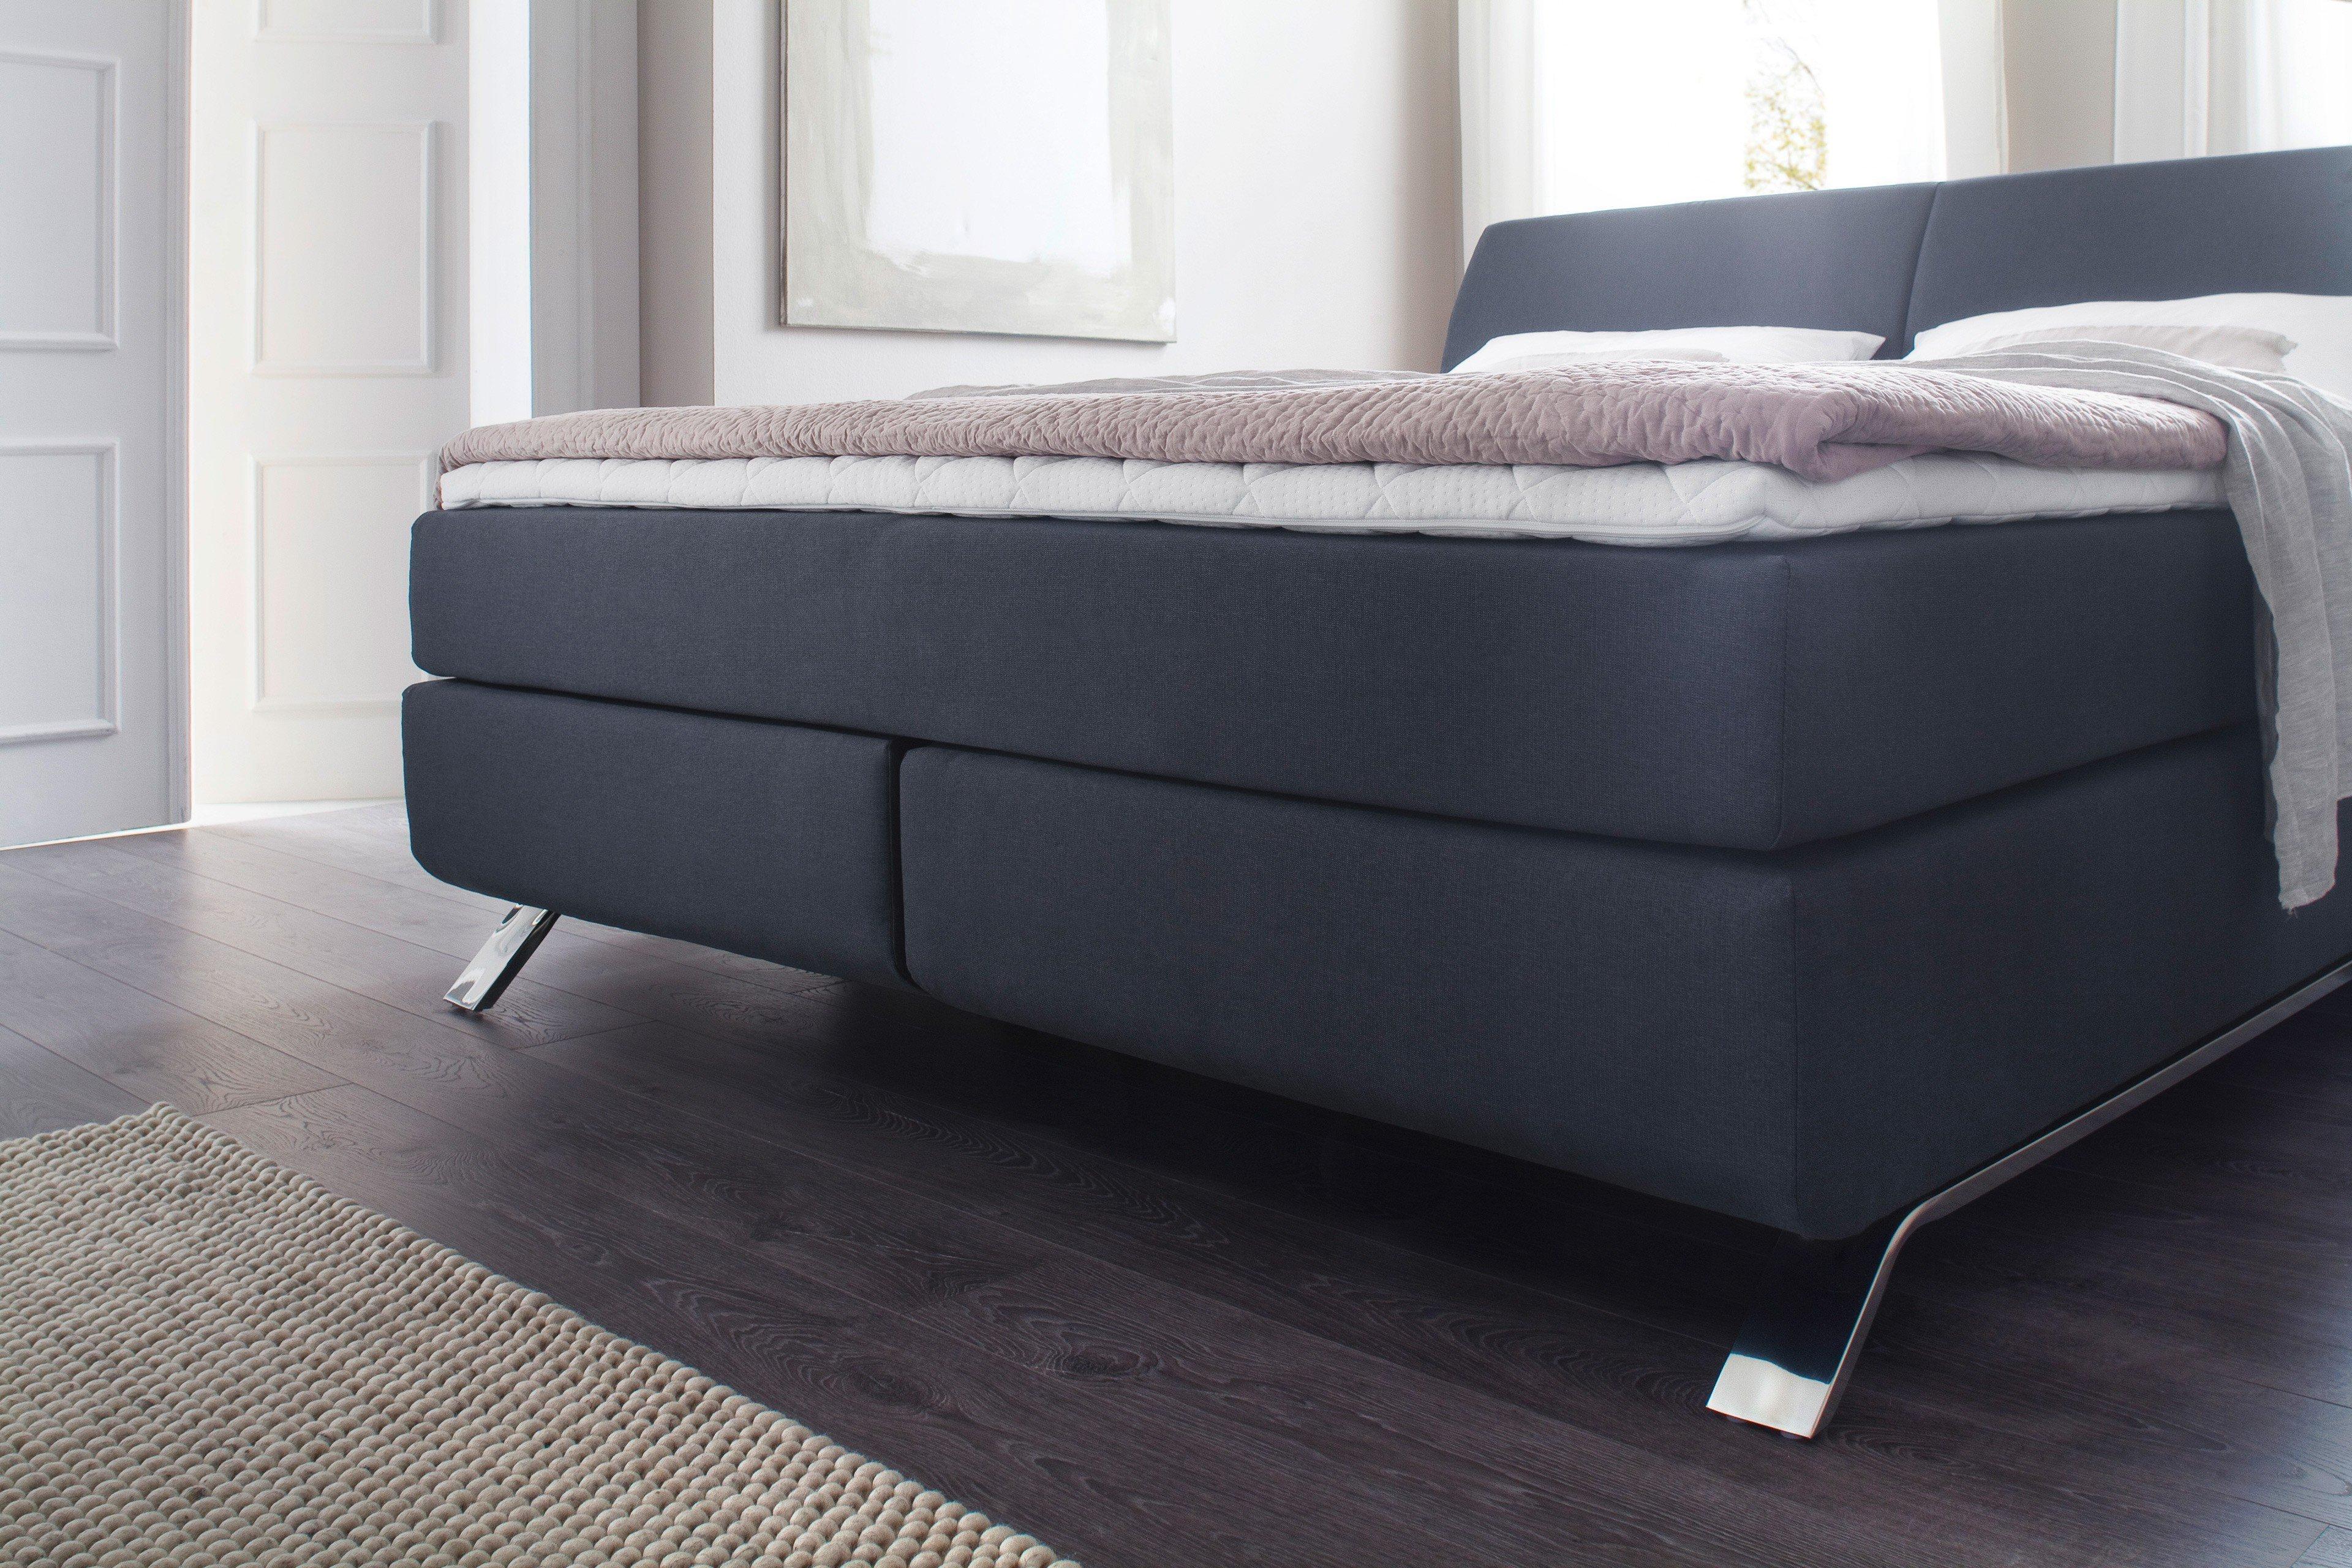 meise boxspringbett imola anthrazit mit metallkufen m bel letz ihr online shop. Black Bedroom Furniture Sets. Home Design Ideas